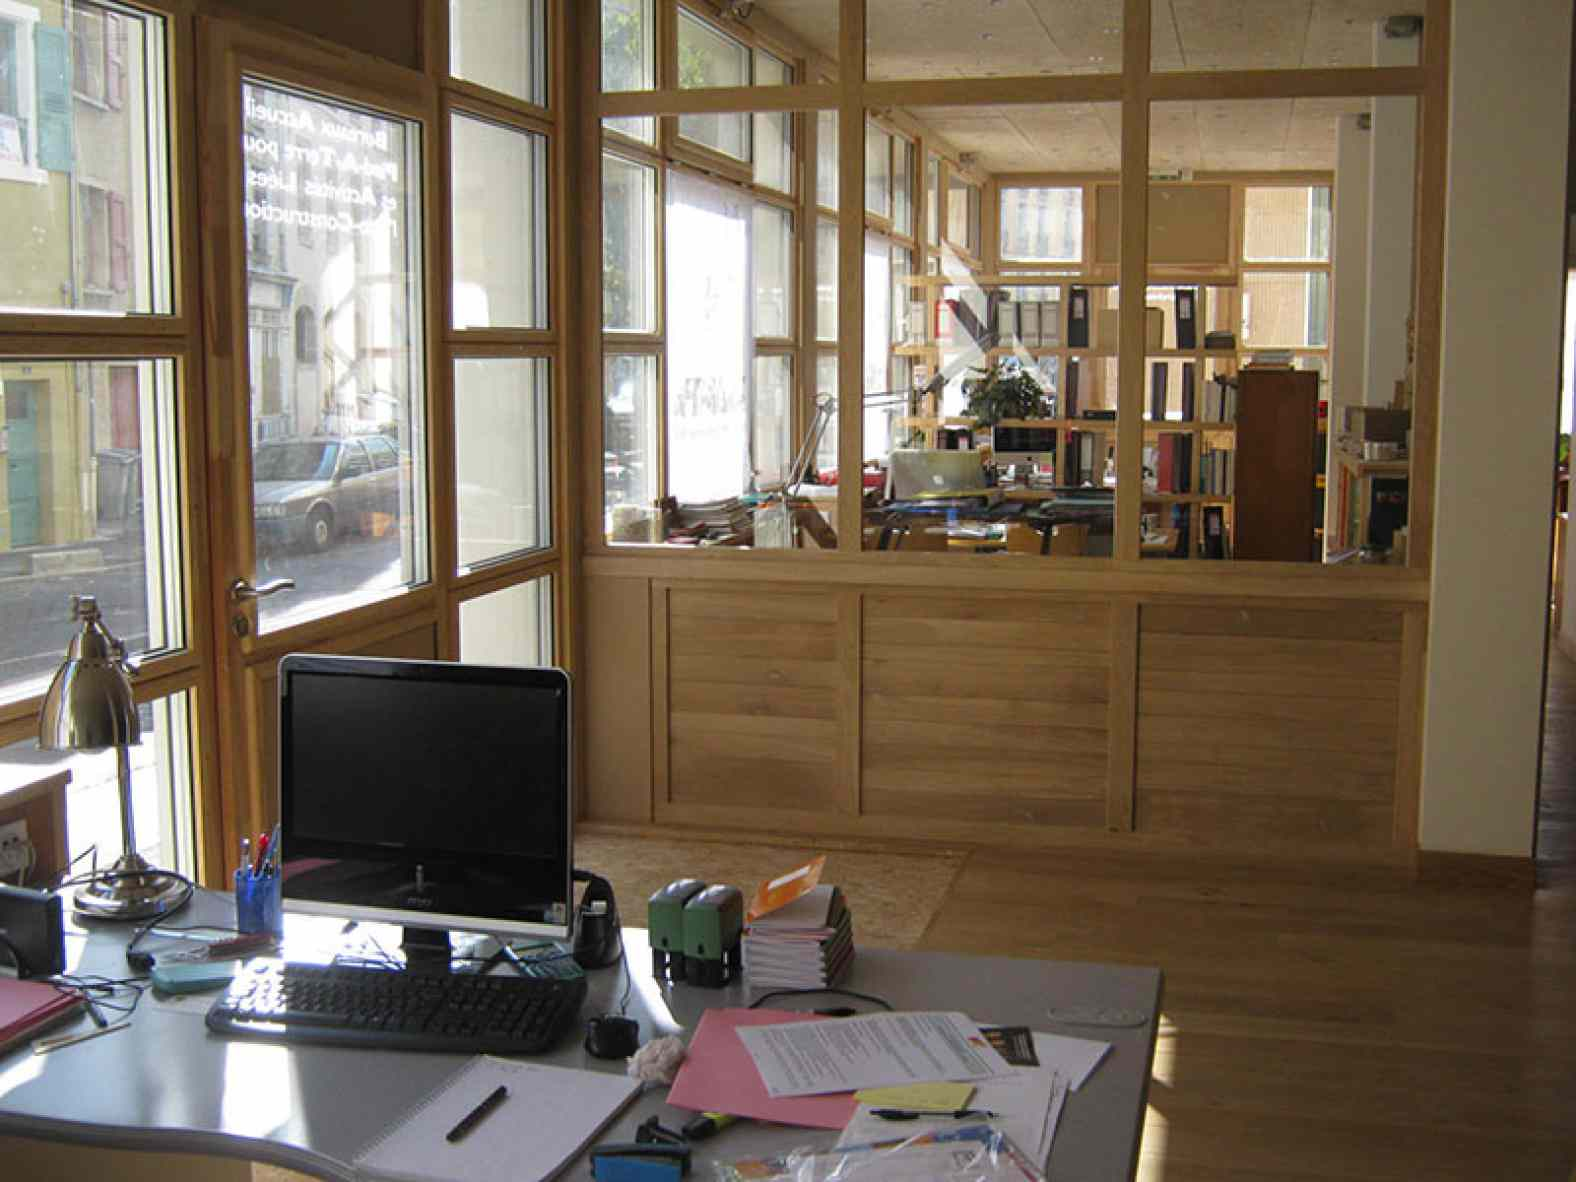 co location de bureau au puy en velay eco architecte. Black Bedroom Furniture Sets. Home Design Ideas